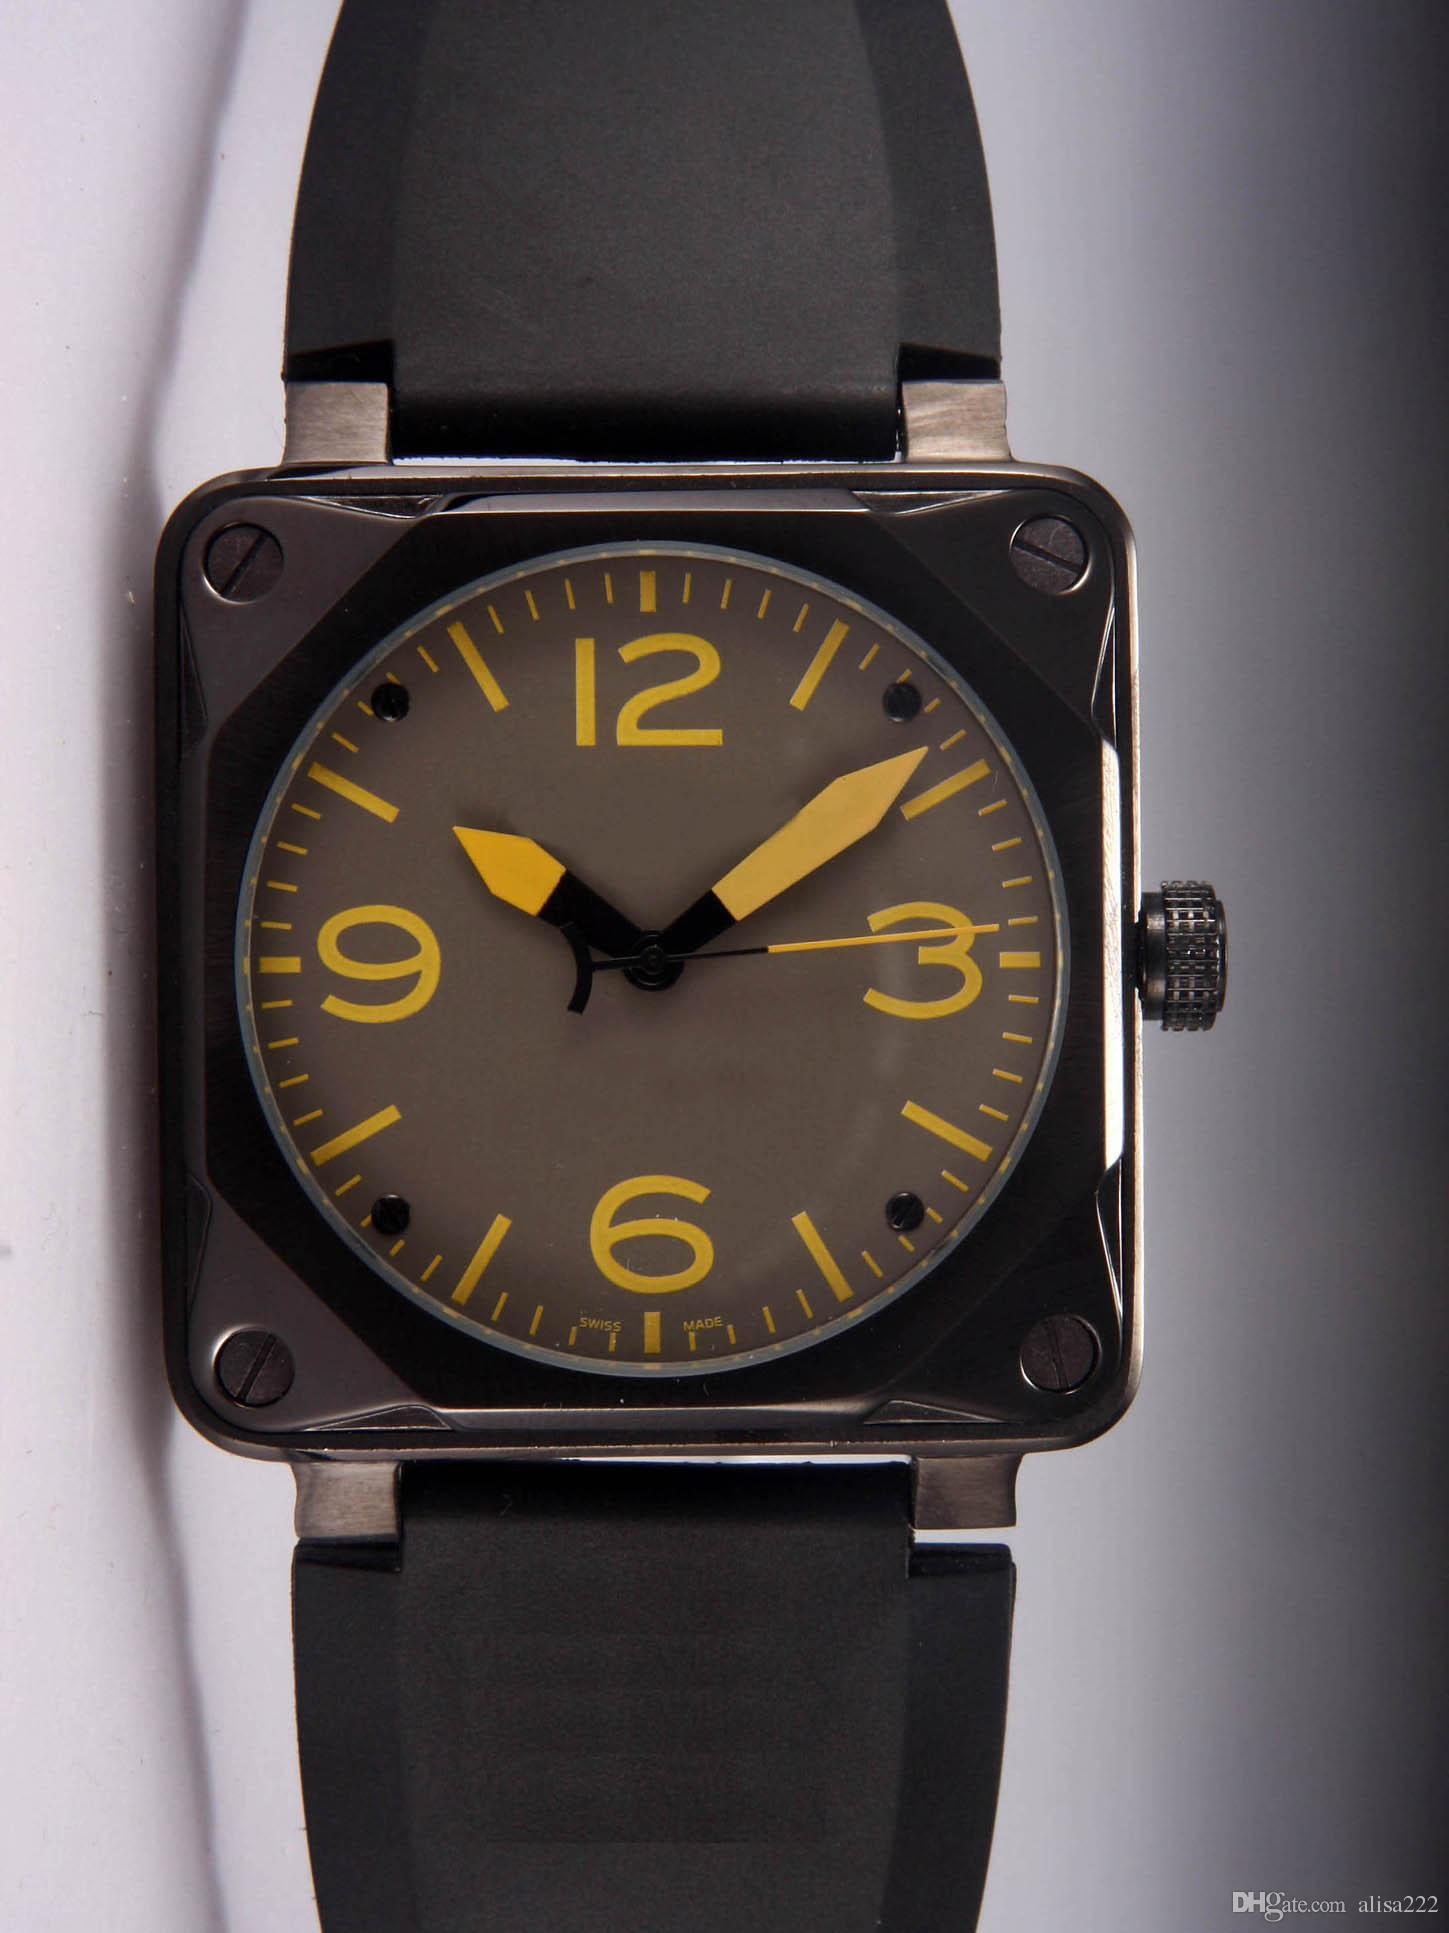 05c62edf0f6 Compre Melhor Marca De Luxo Designer De Novos Homens De Borracha Mecânica  Automática Pulseira De Relógio Suíço Preto PVD Inoxidável Quadrado Moda  Mens ...